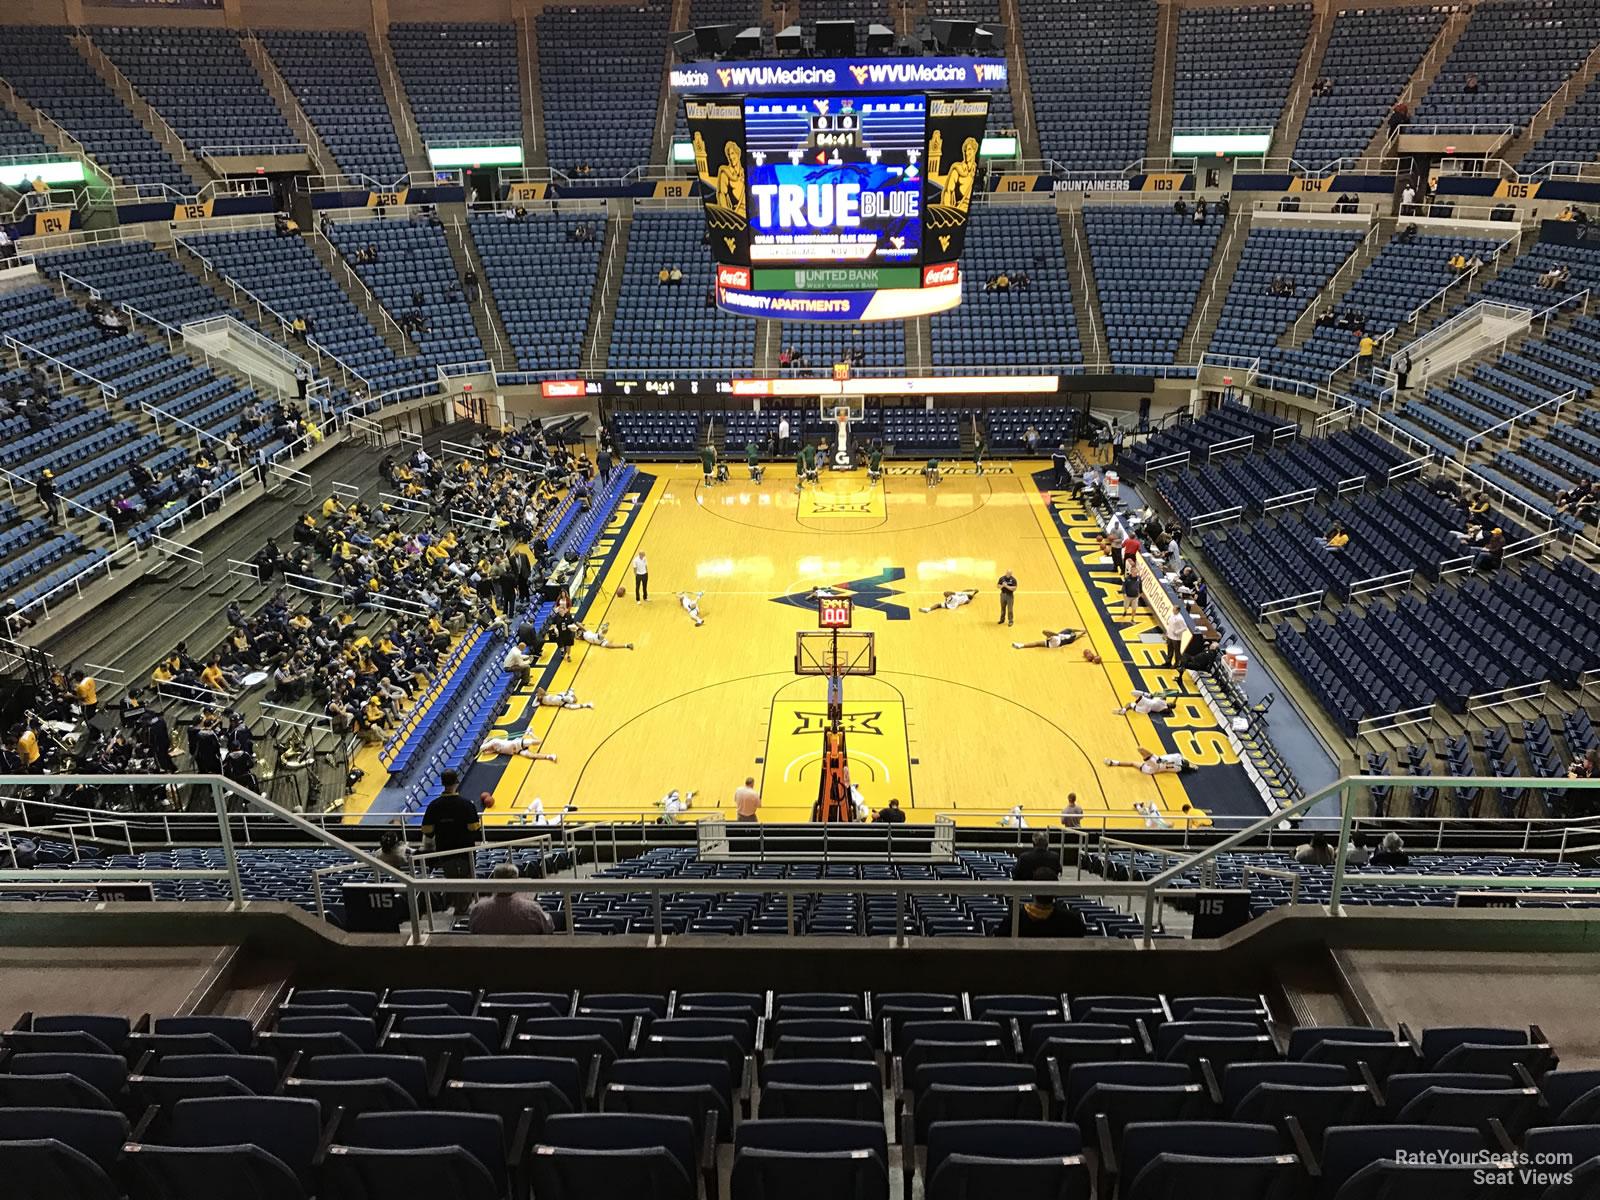 WVU Coliseum Section 221 - RateYourSeats.com